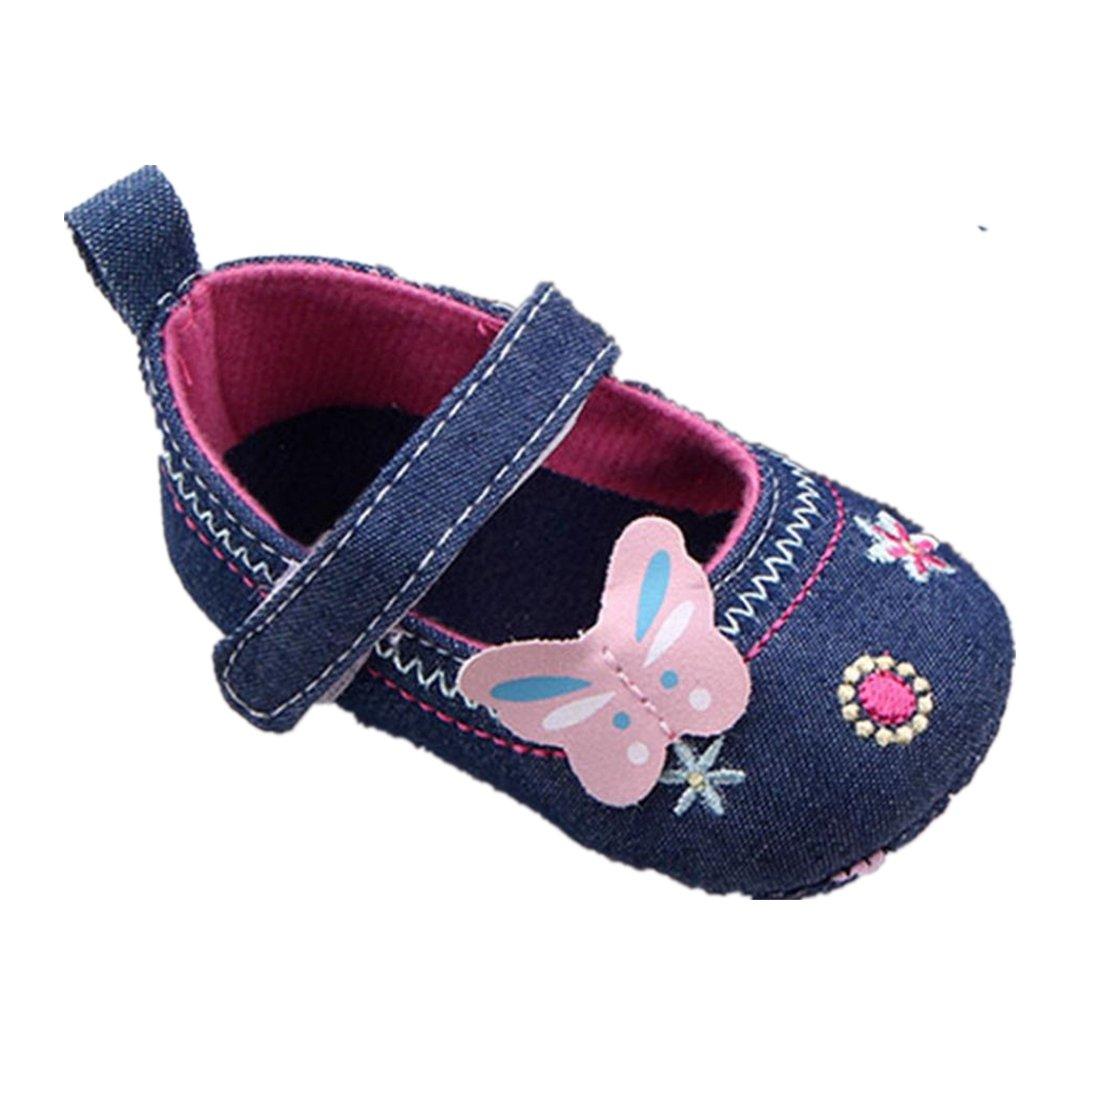 Amlaiworld pour 0-18 Mois Bébé, Semelle Douce Papillon Chaussures Premiers Pas (11/0-6 Mois, Bleu)